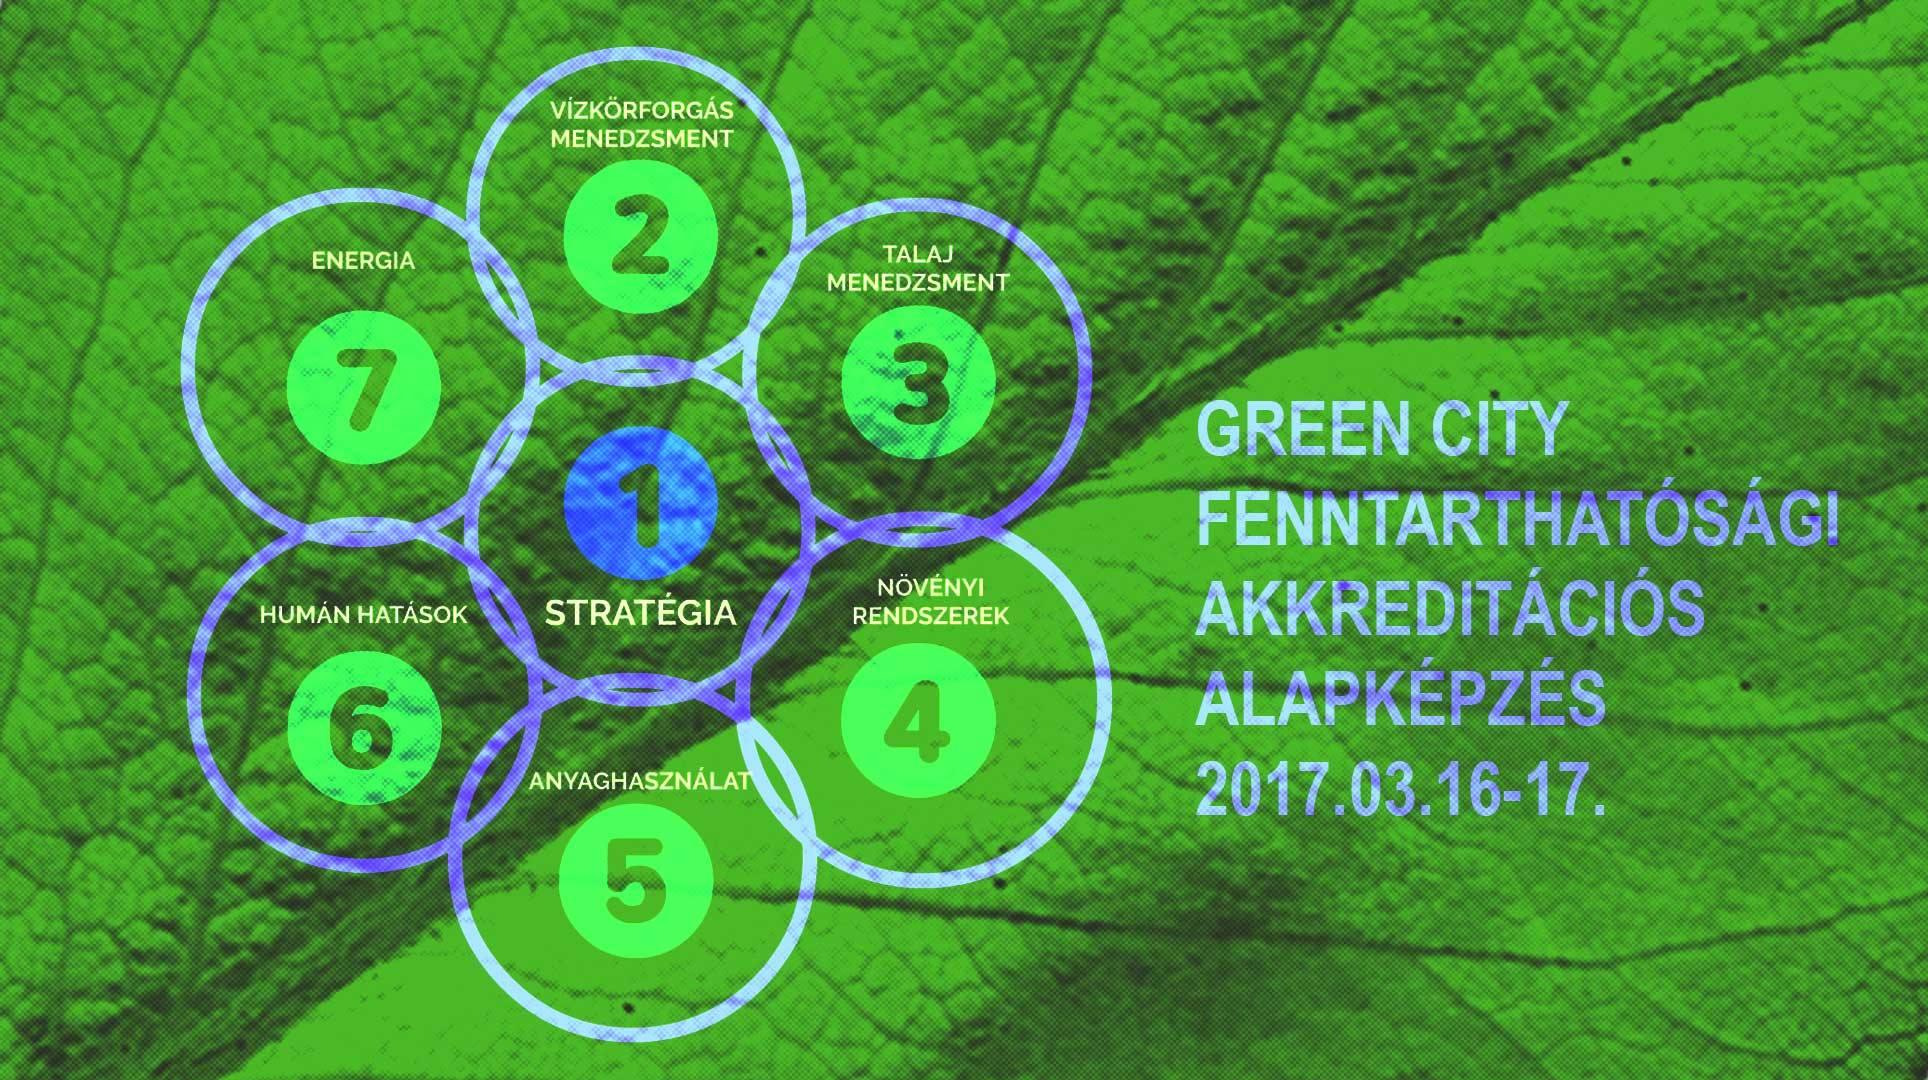 green city akkreditációs képzés